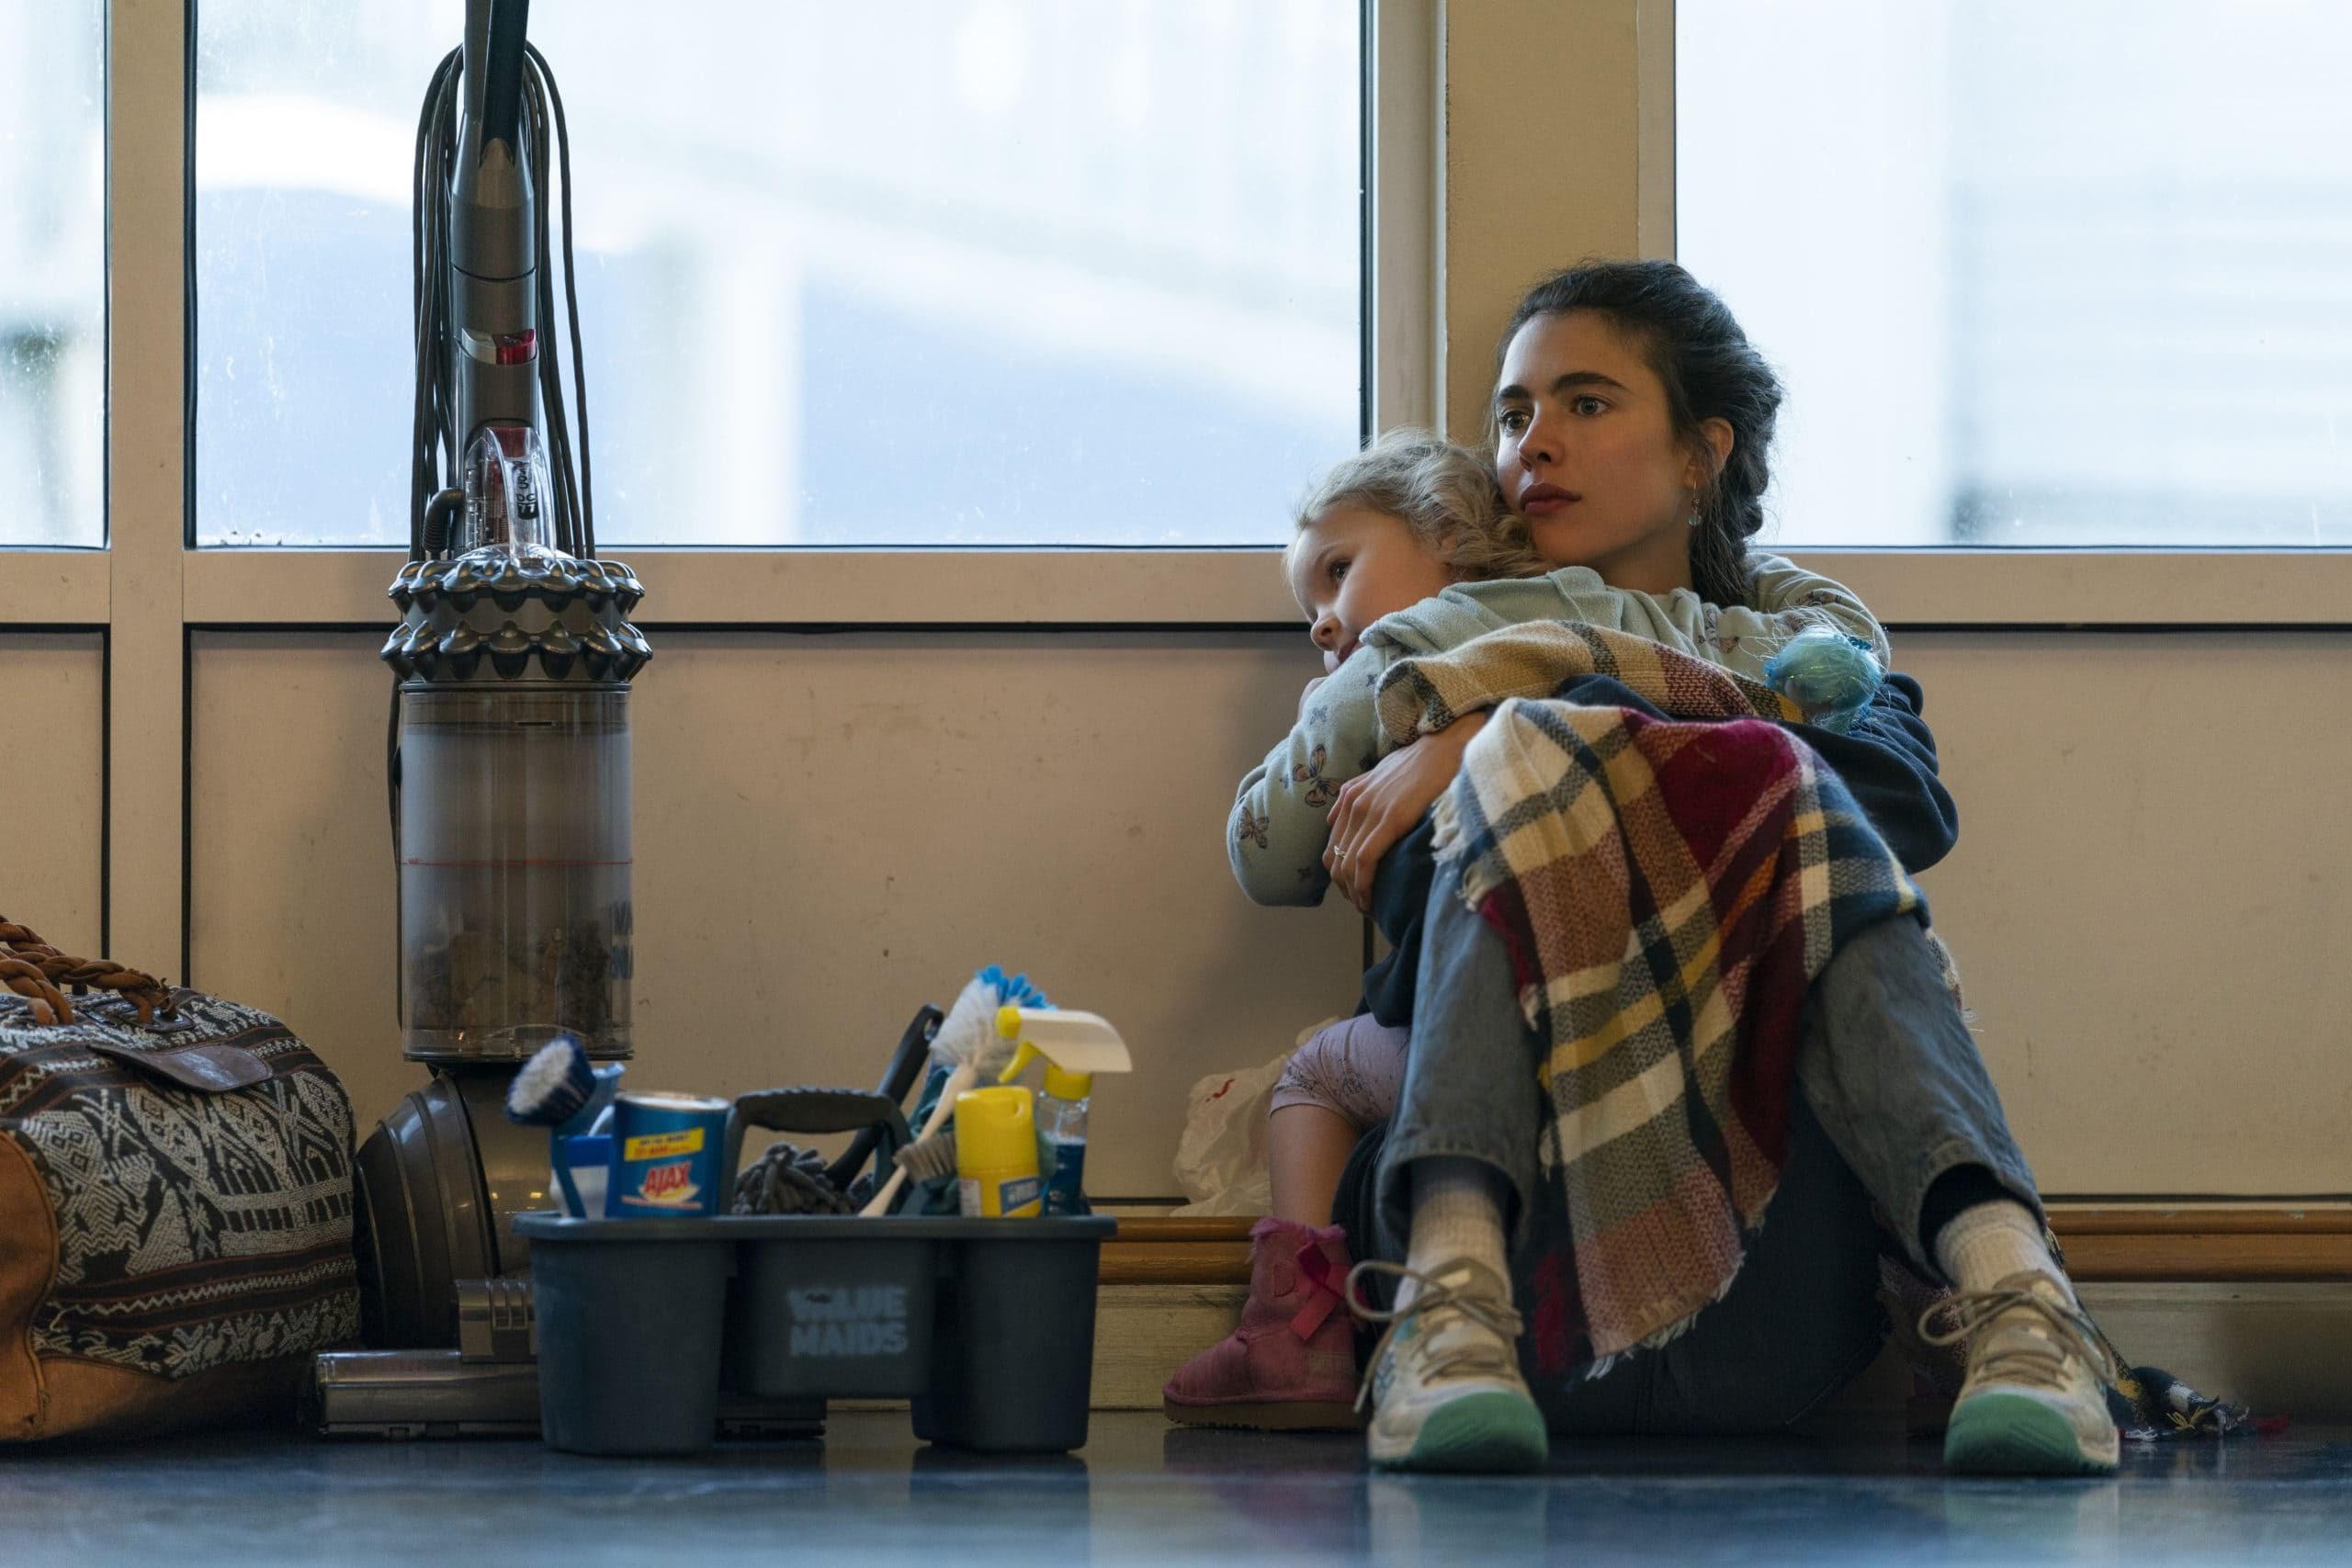 Trailer for Netflix Series ' Maid ' : マーゴット・ロビーが仕掛け人をつとめて、マーガレット・クアリーとアンディ・マクダウェルの母と娘の共演を実現し、最低賃金でトイレを掃除し、書くことで自らを救ったシングルマザーの物語を配信シリーズ化した「メイドの手帖」の予告編 ! !